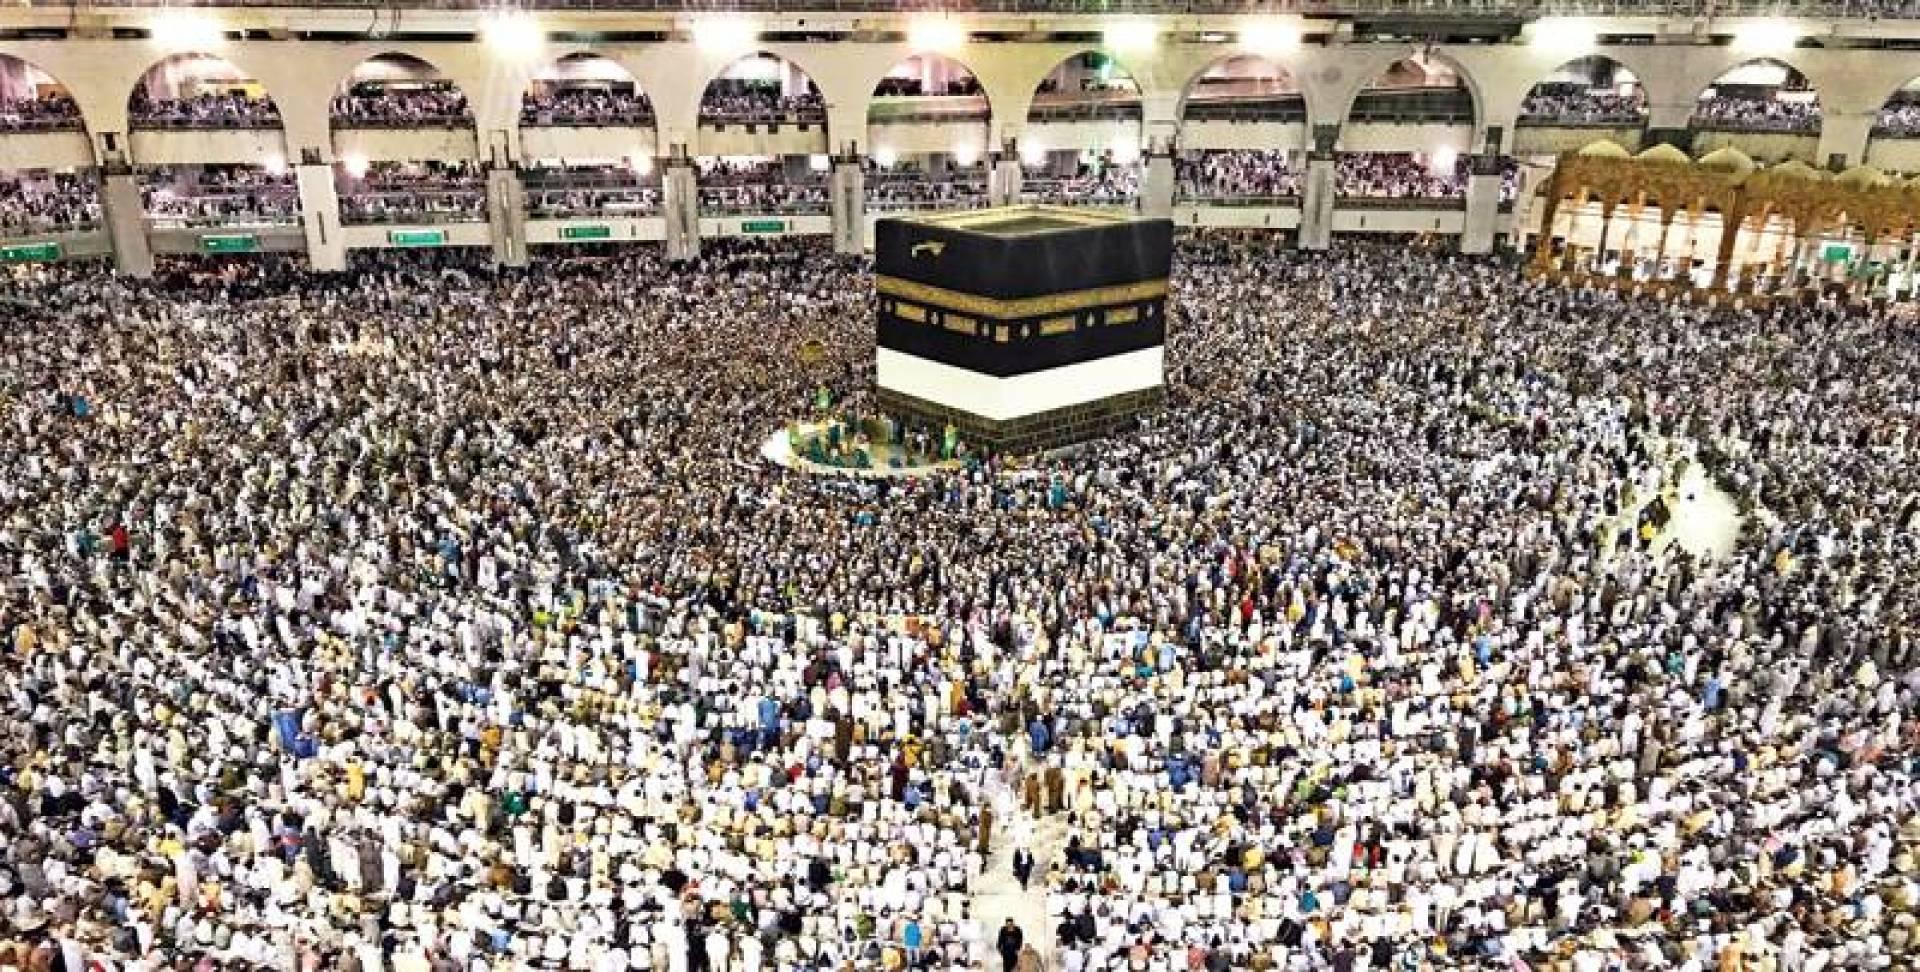 الهجرة بداية لتأسيس الدولة الاسلامية